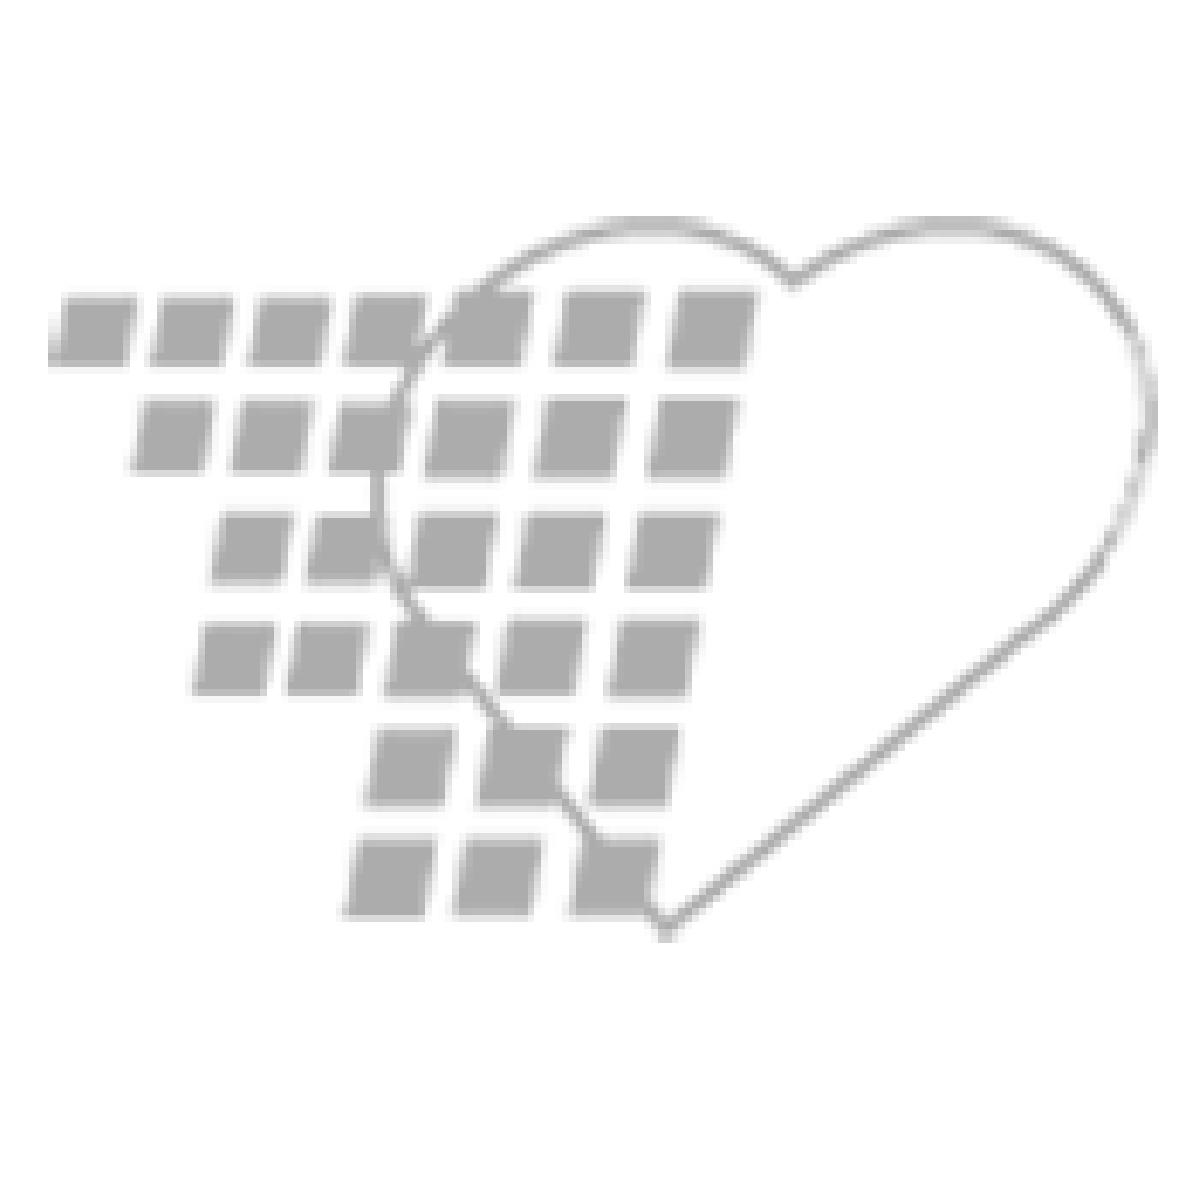 09-31-9868 Understanding Stroke Chart